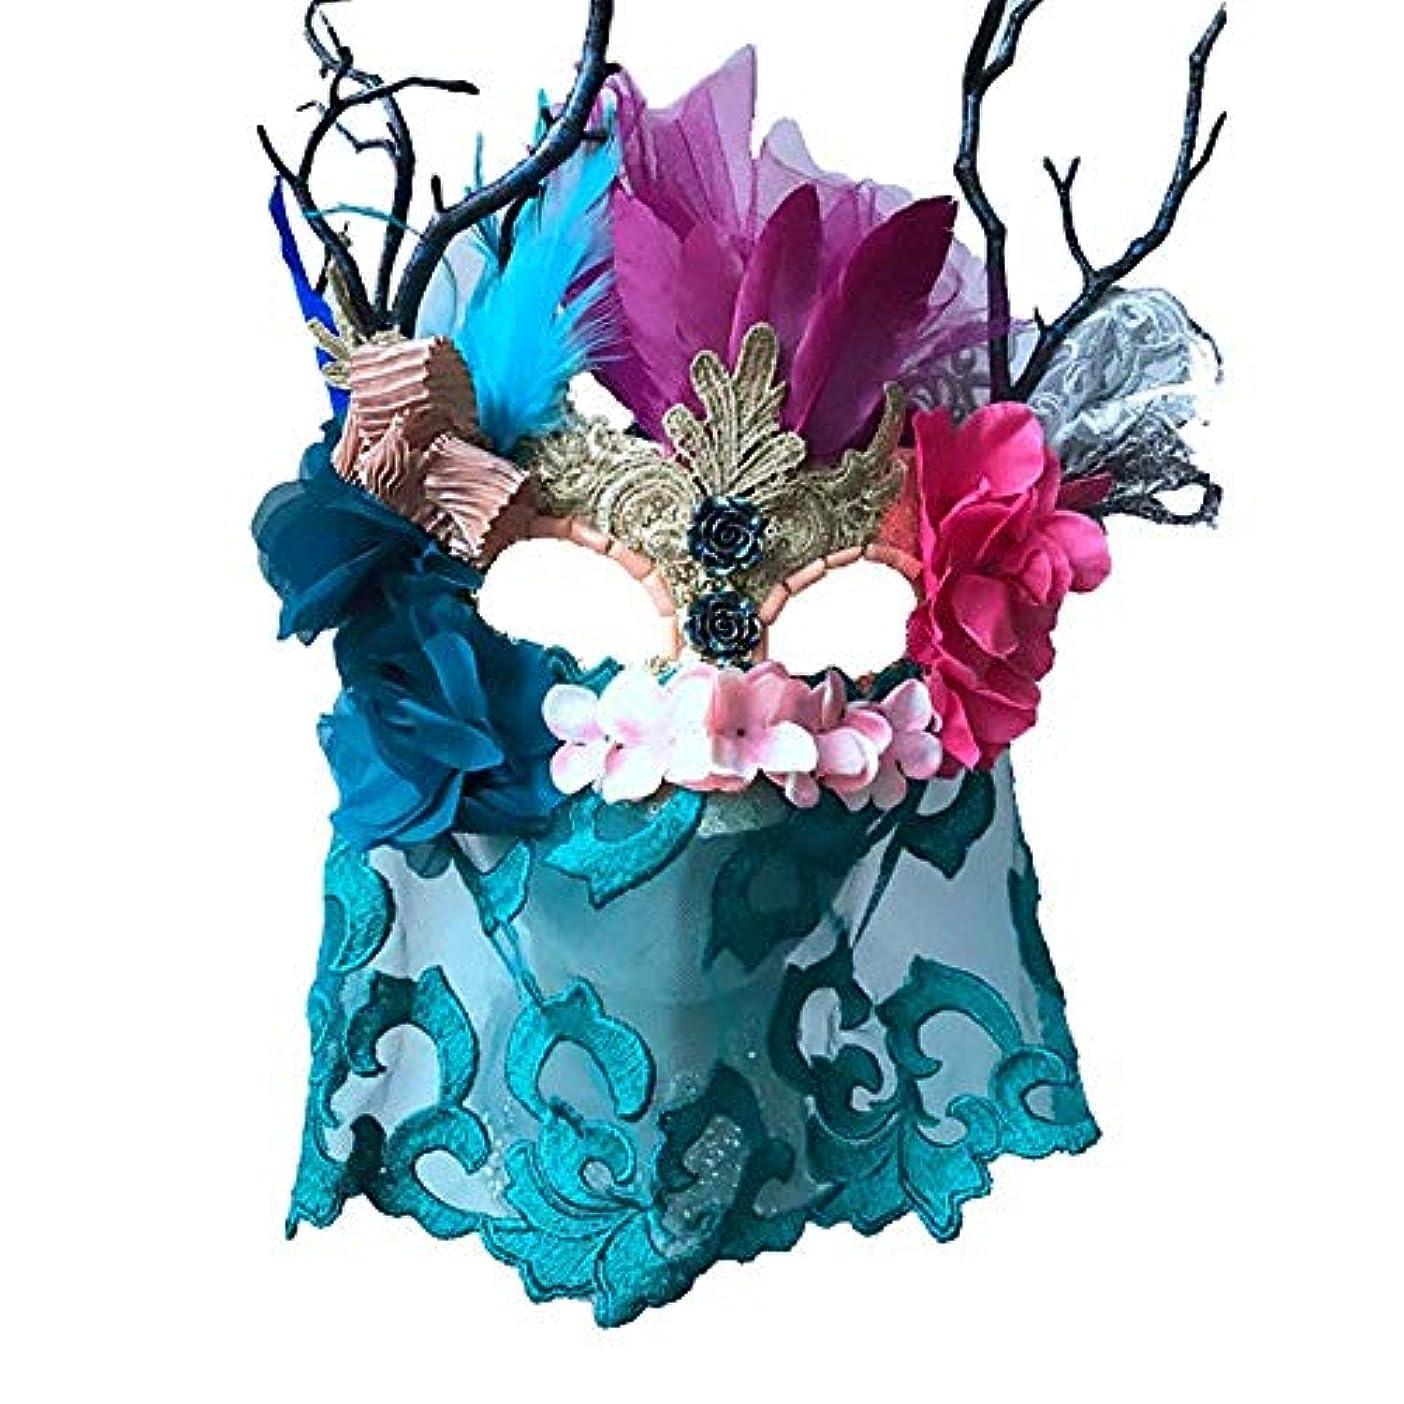 噴水豊かにする人形Nanle ハロウィーンのクリスマスフェザーの乾いた枝ベールの花マスク仮装マスクレディミスプリンセス美しさの祭りデコレーションマスク